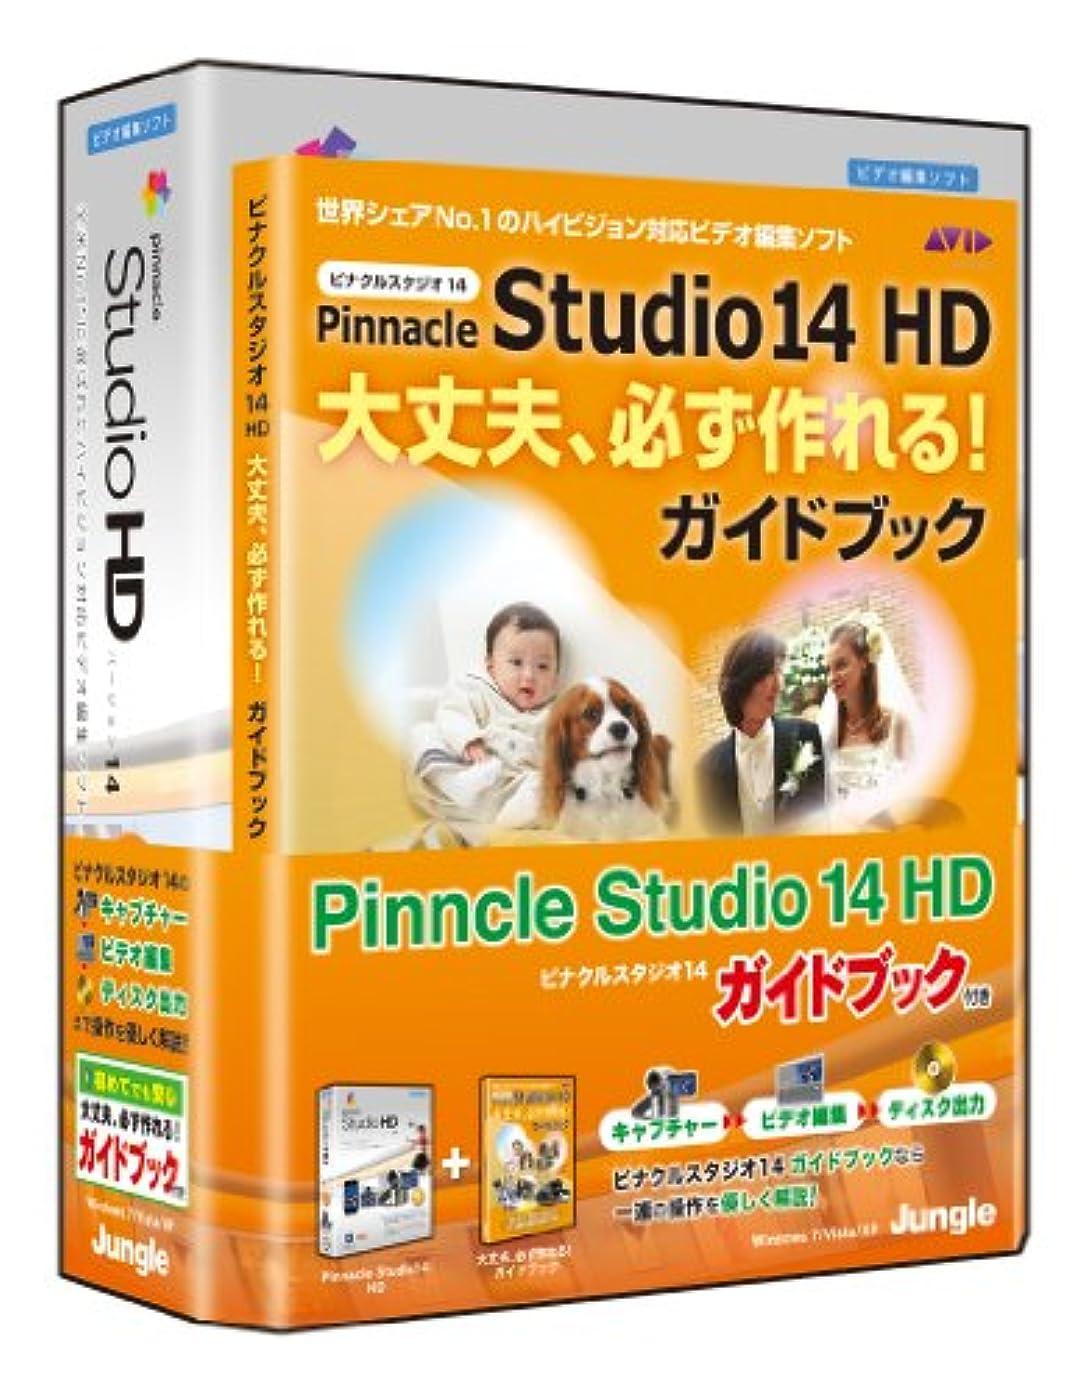 仮定、想定。推測エンドテーブル悪性Pinnacle Studio 14 HD ガイドブック付き